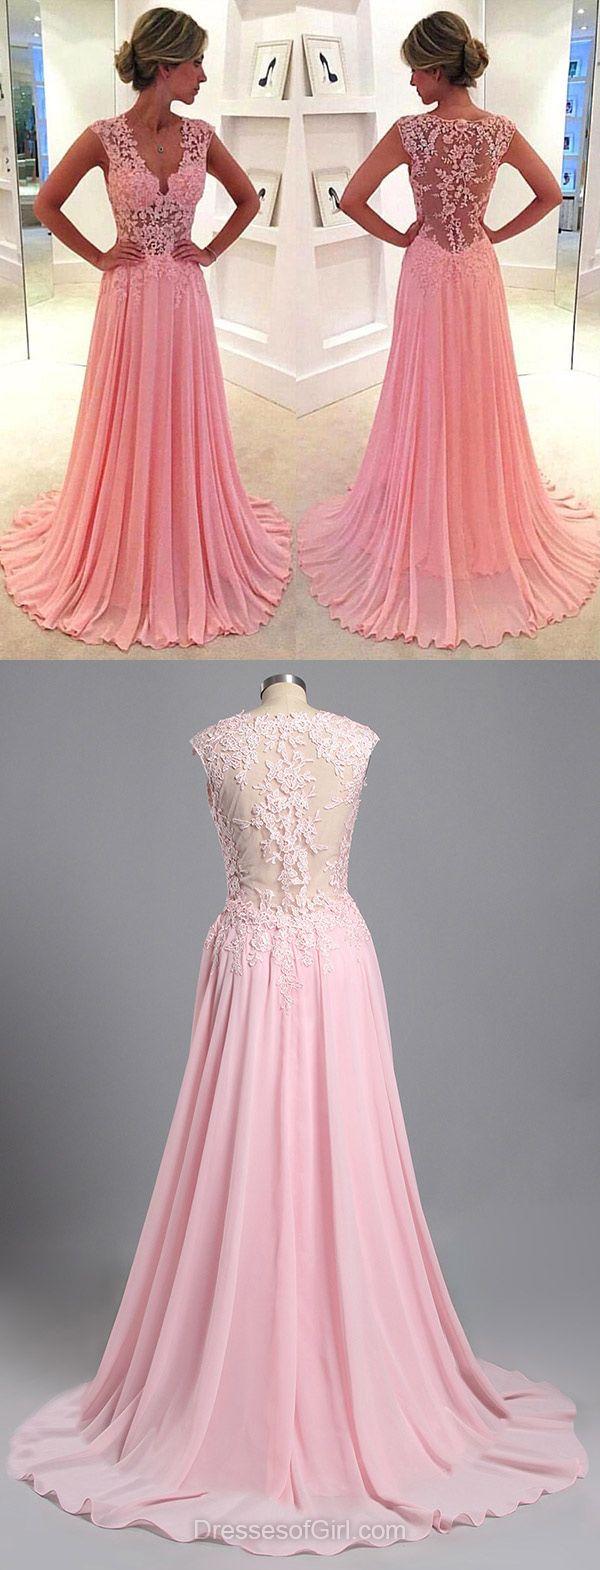 Mejores 1582 imágenes de vestido.de fiesta en Pinterest   Vestidos ...